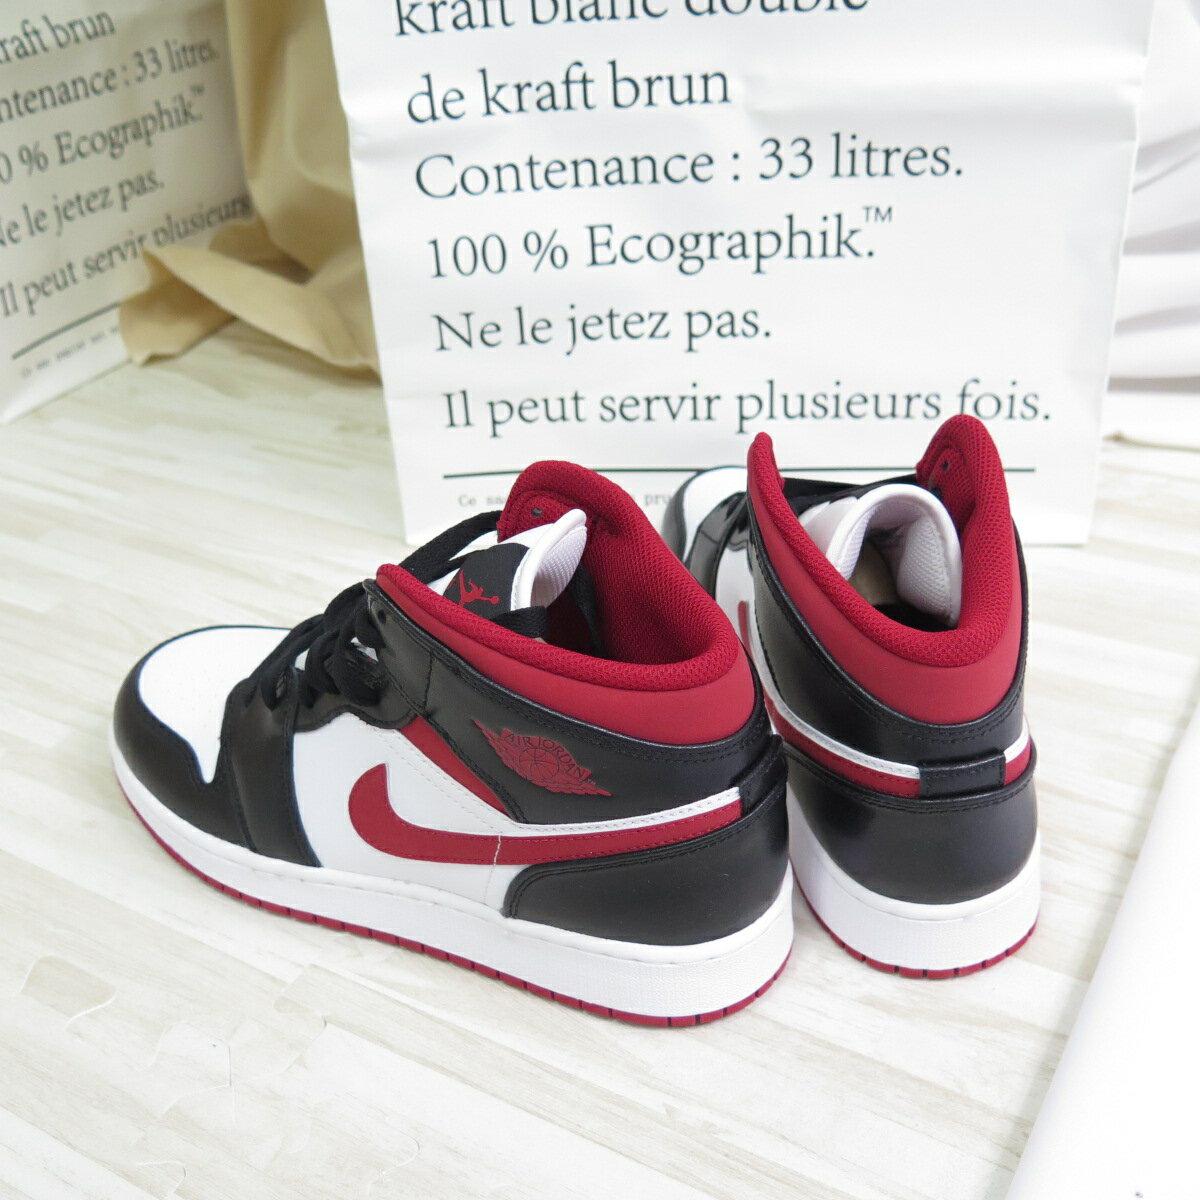 【滿額領券折$150】NIKE AIR JORDAN 1 MID(GS) 大童 童鞋 籃球鞋 DJ4695122 黑/紅【iSport愛運動】